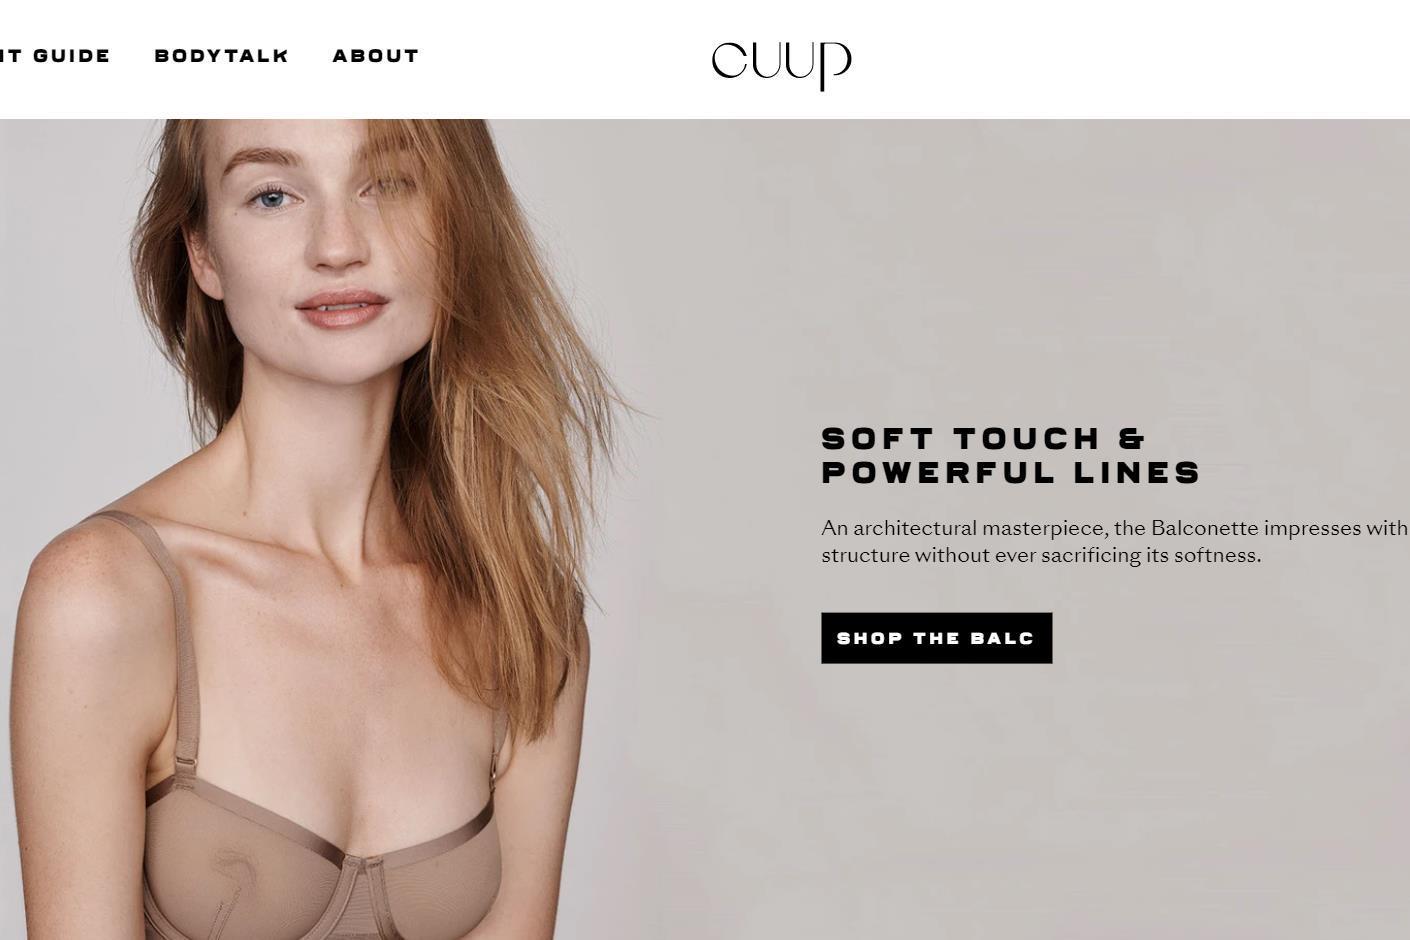 内衣品牌 Cuup完成 1100万美元A轮融资